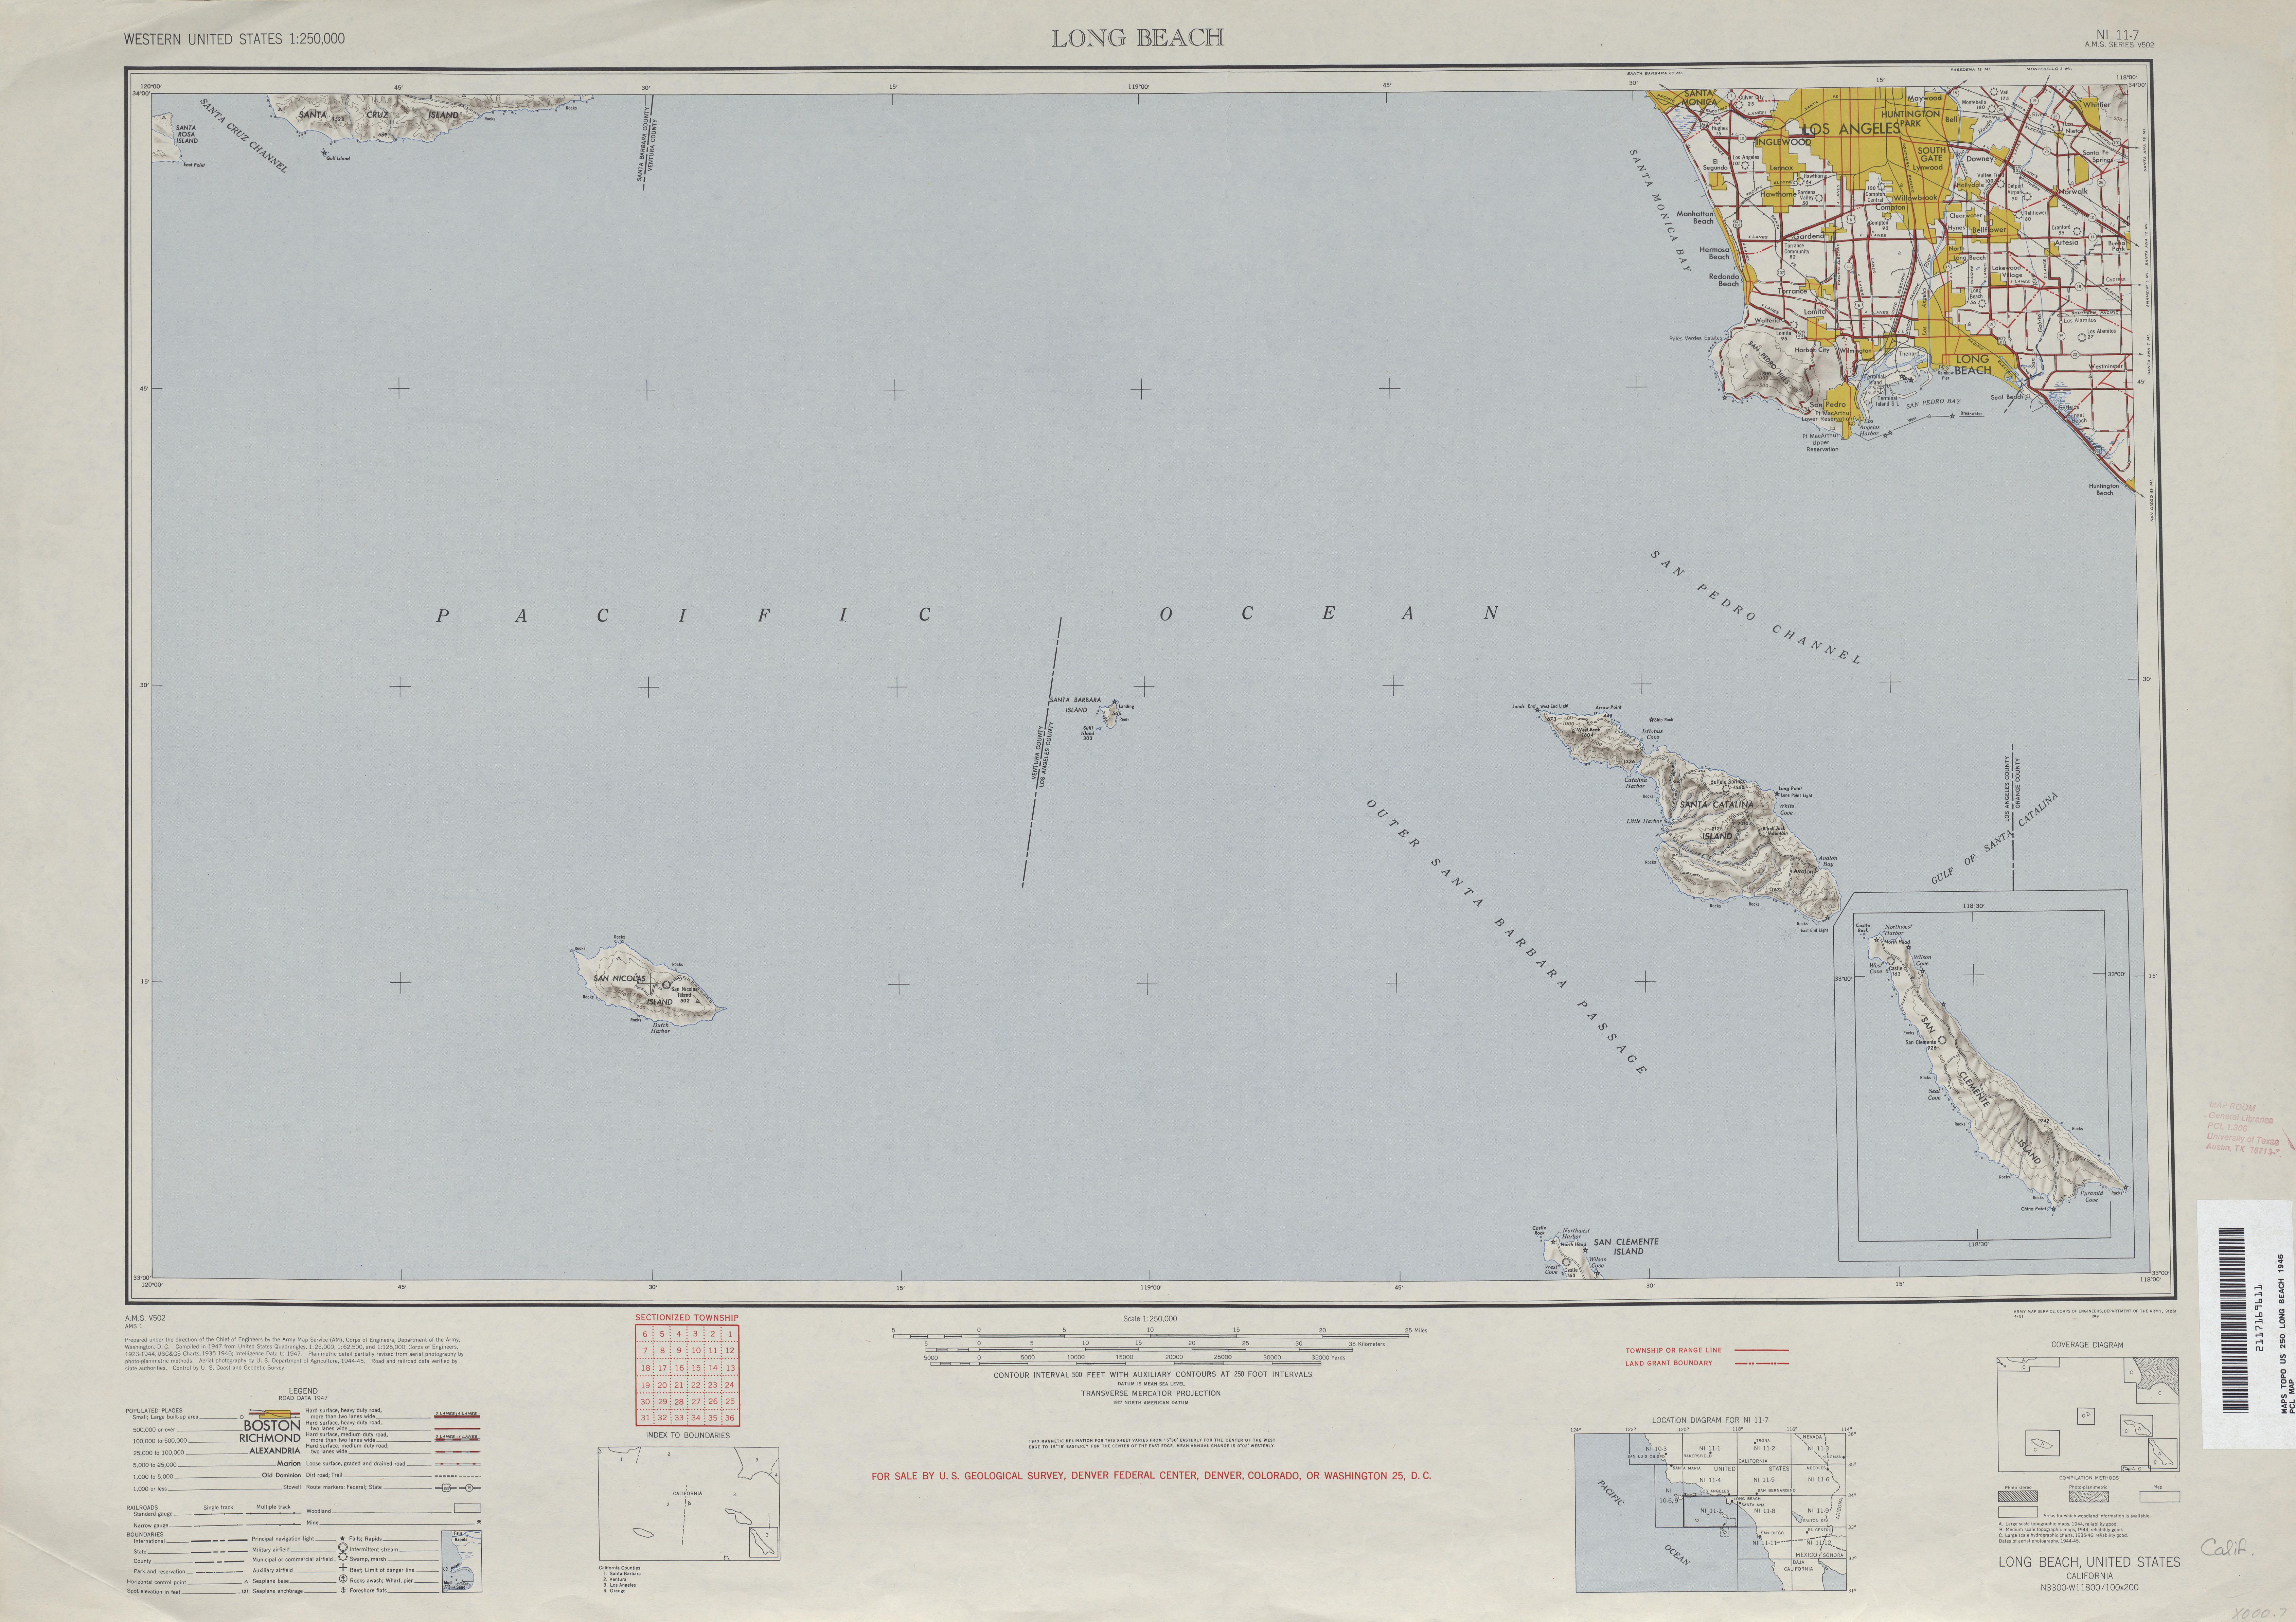 Hoja Long Beach del Mapa Topográfico de los Estados Unidos 1946